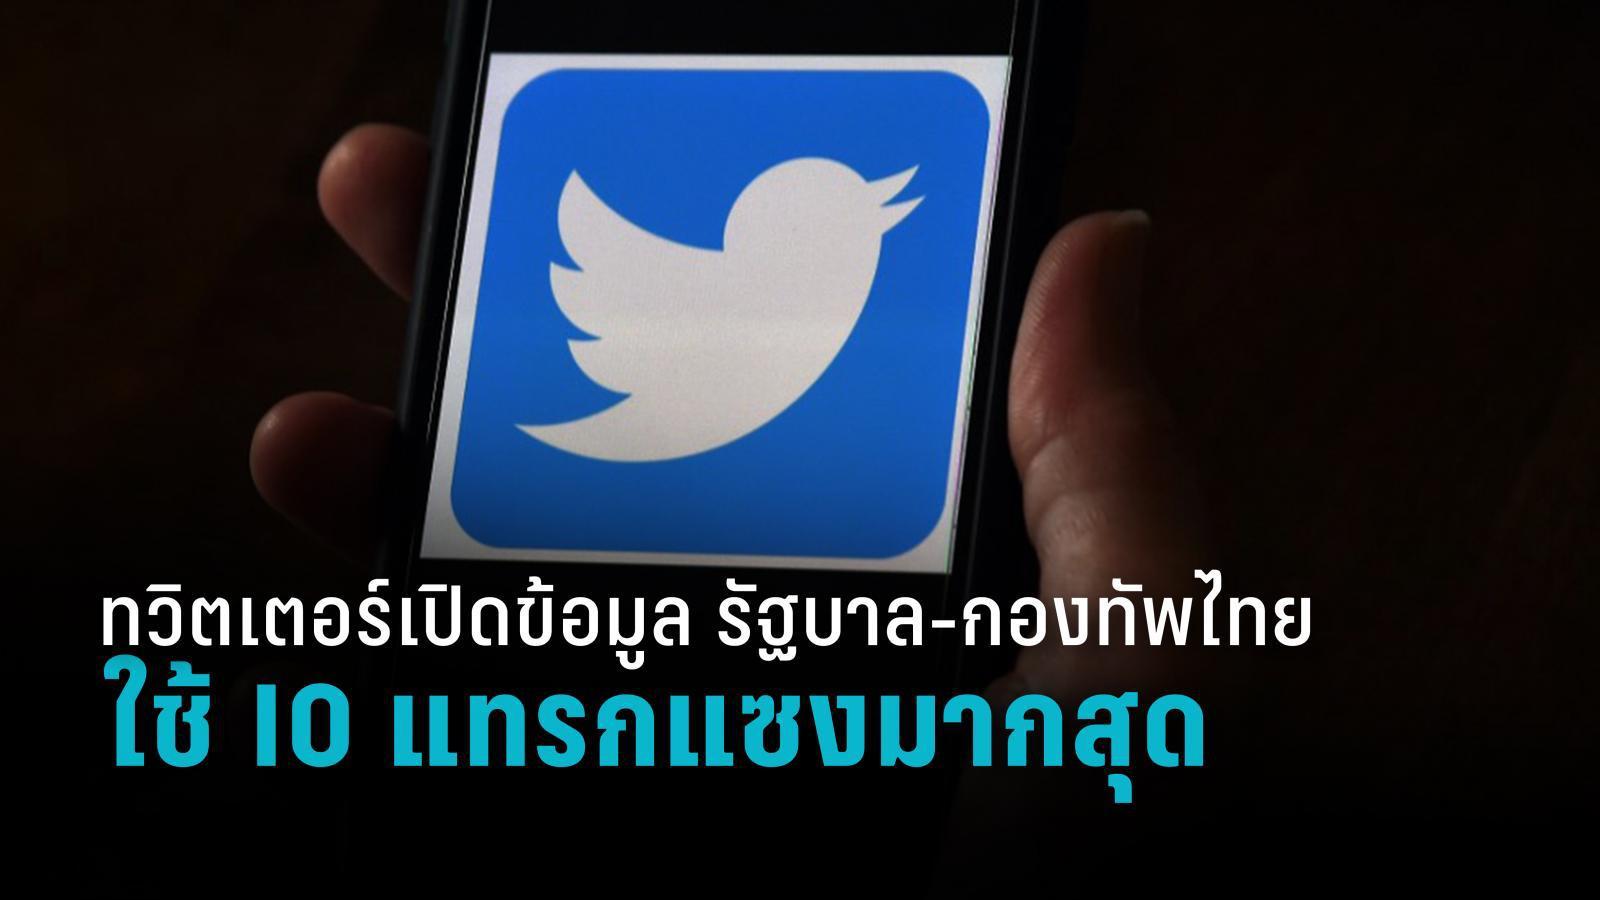 ทวิตเตอร์เปิดข้อมูล ใช้ IO 926 บัญชี เชียร์กองทัพ-รัฐบาลไทย และโจมตีฝั่งตรงข้าม